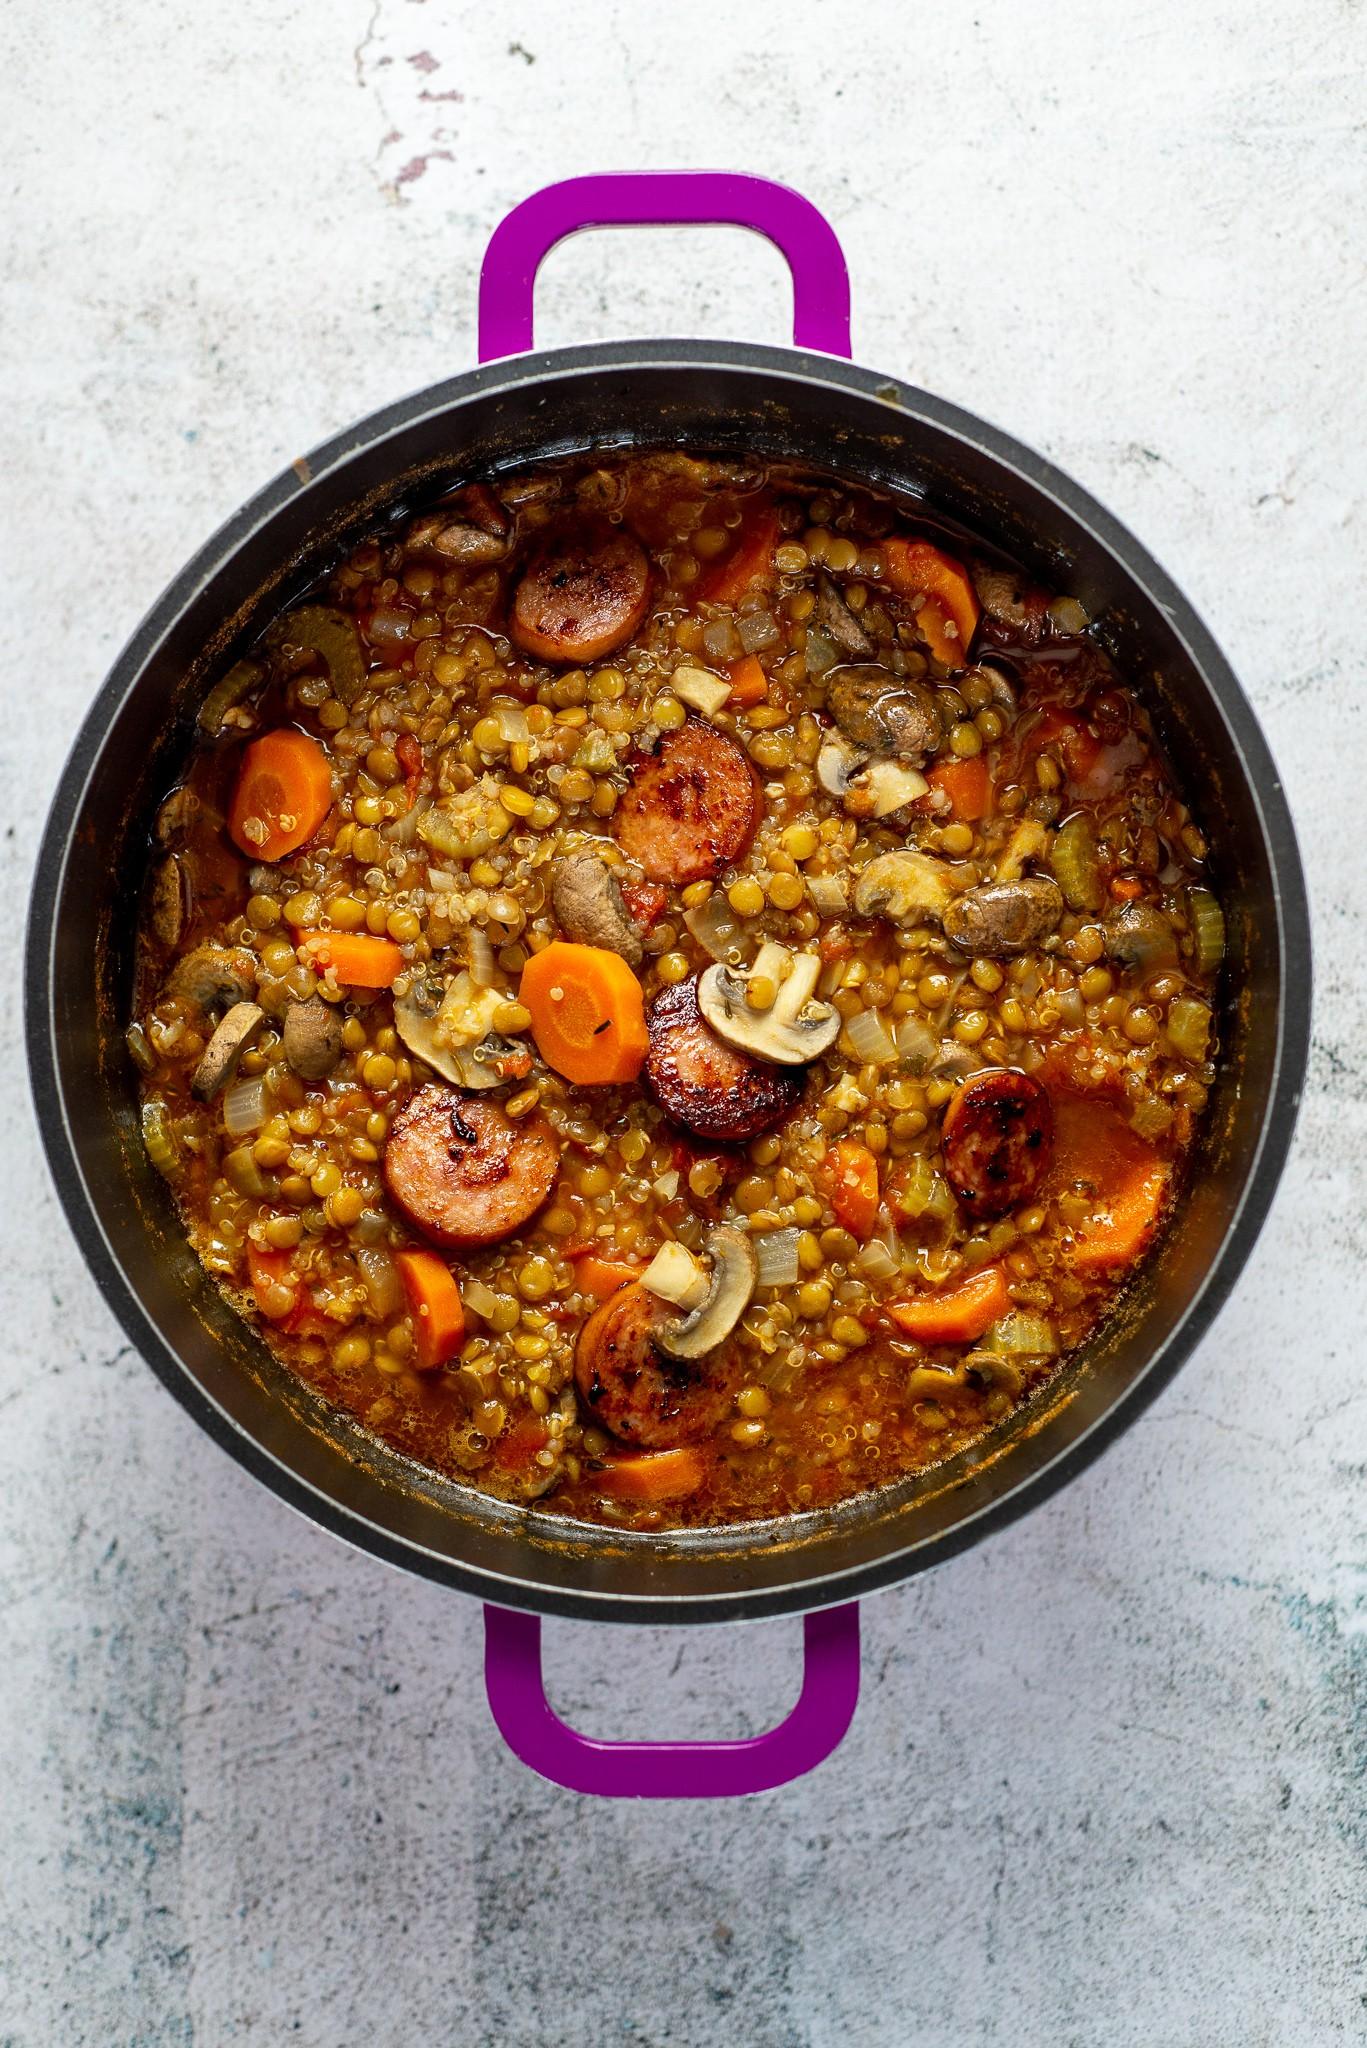 Linsen-Quinoa Suppe mit Pilzen und Wurst